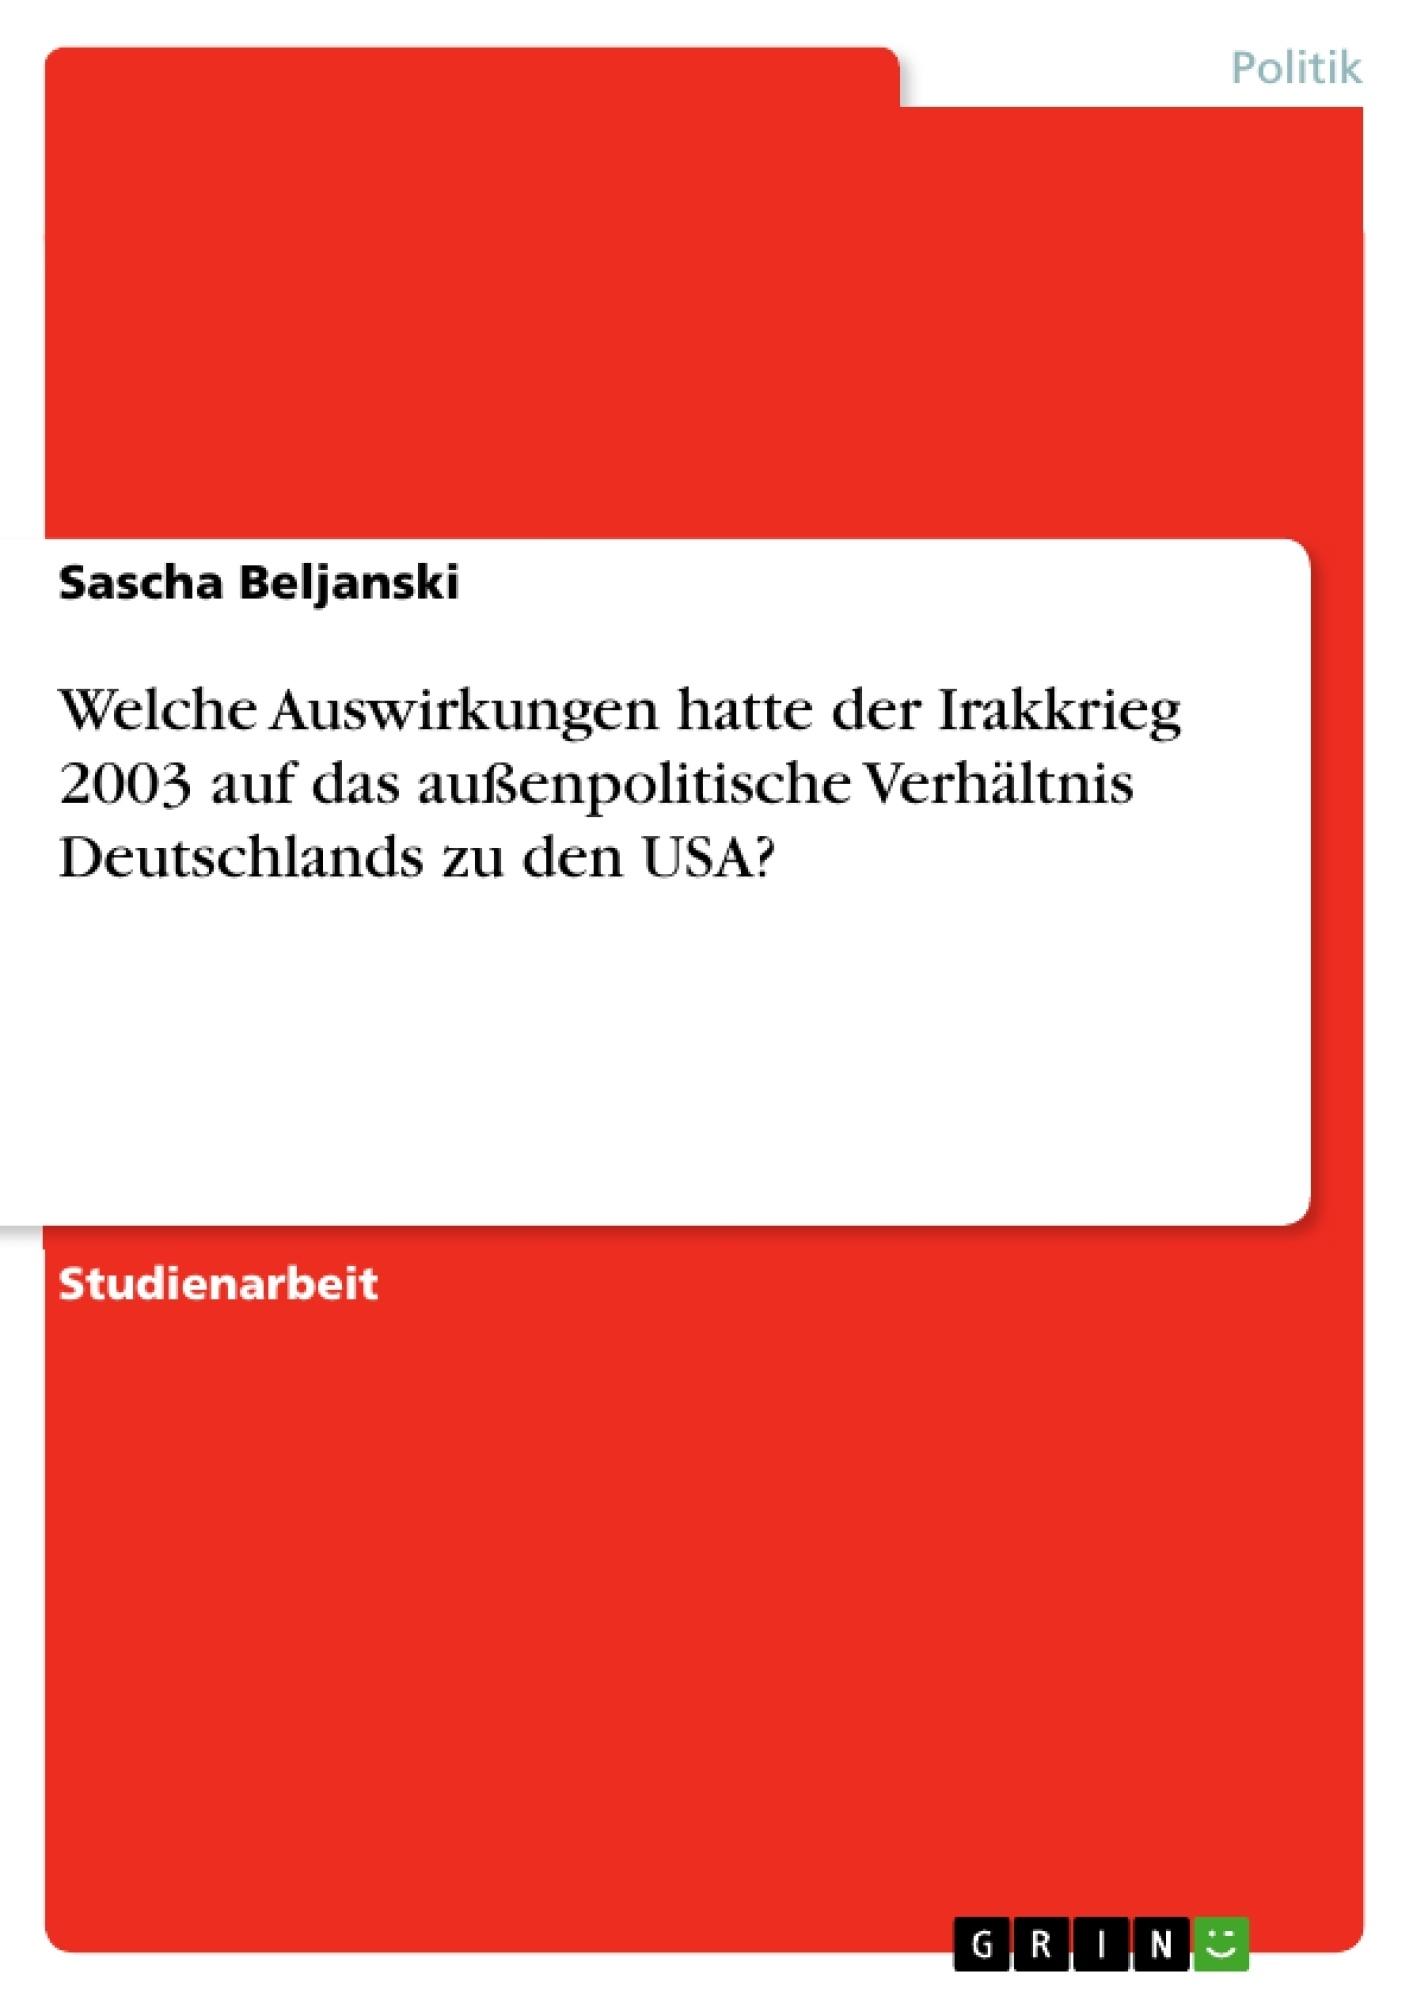 Titel: Welche Auswirkungen hatte der Irakkrieg 2003 auf das außenpolitische Verhältnis Deutschlands zu den USA?